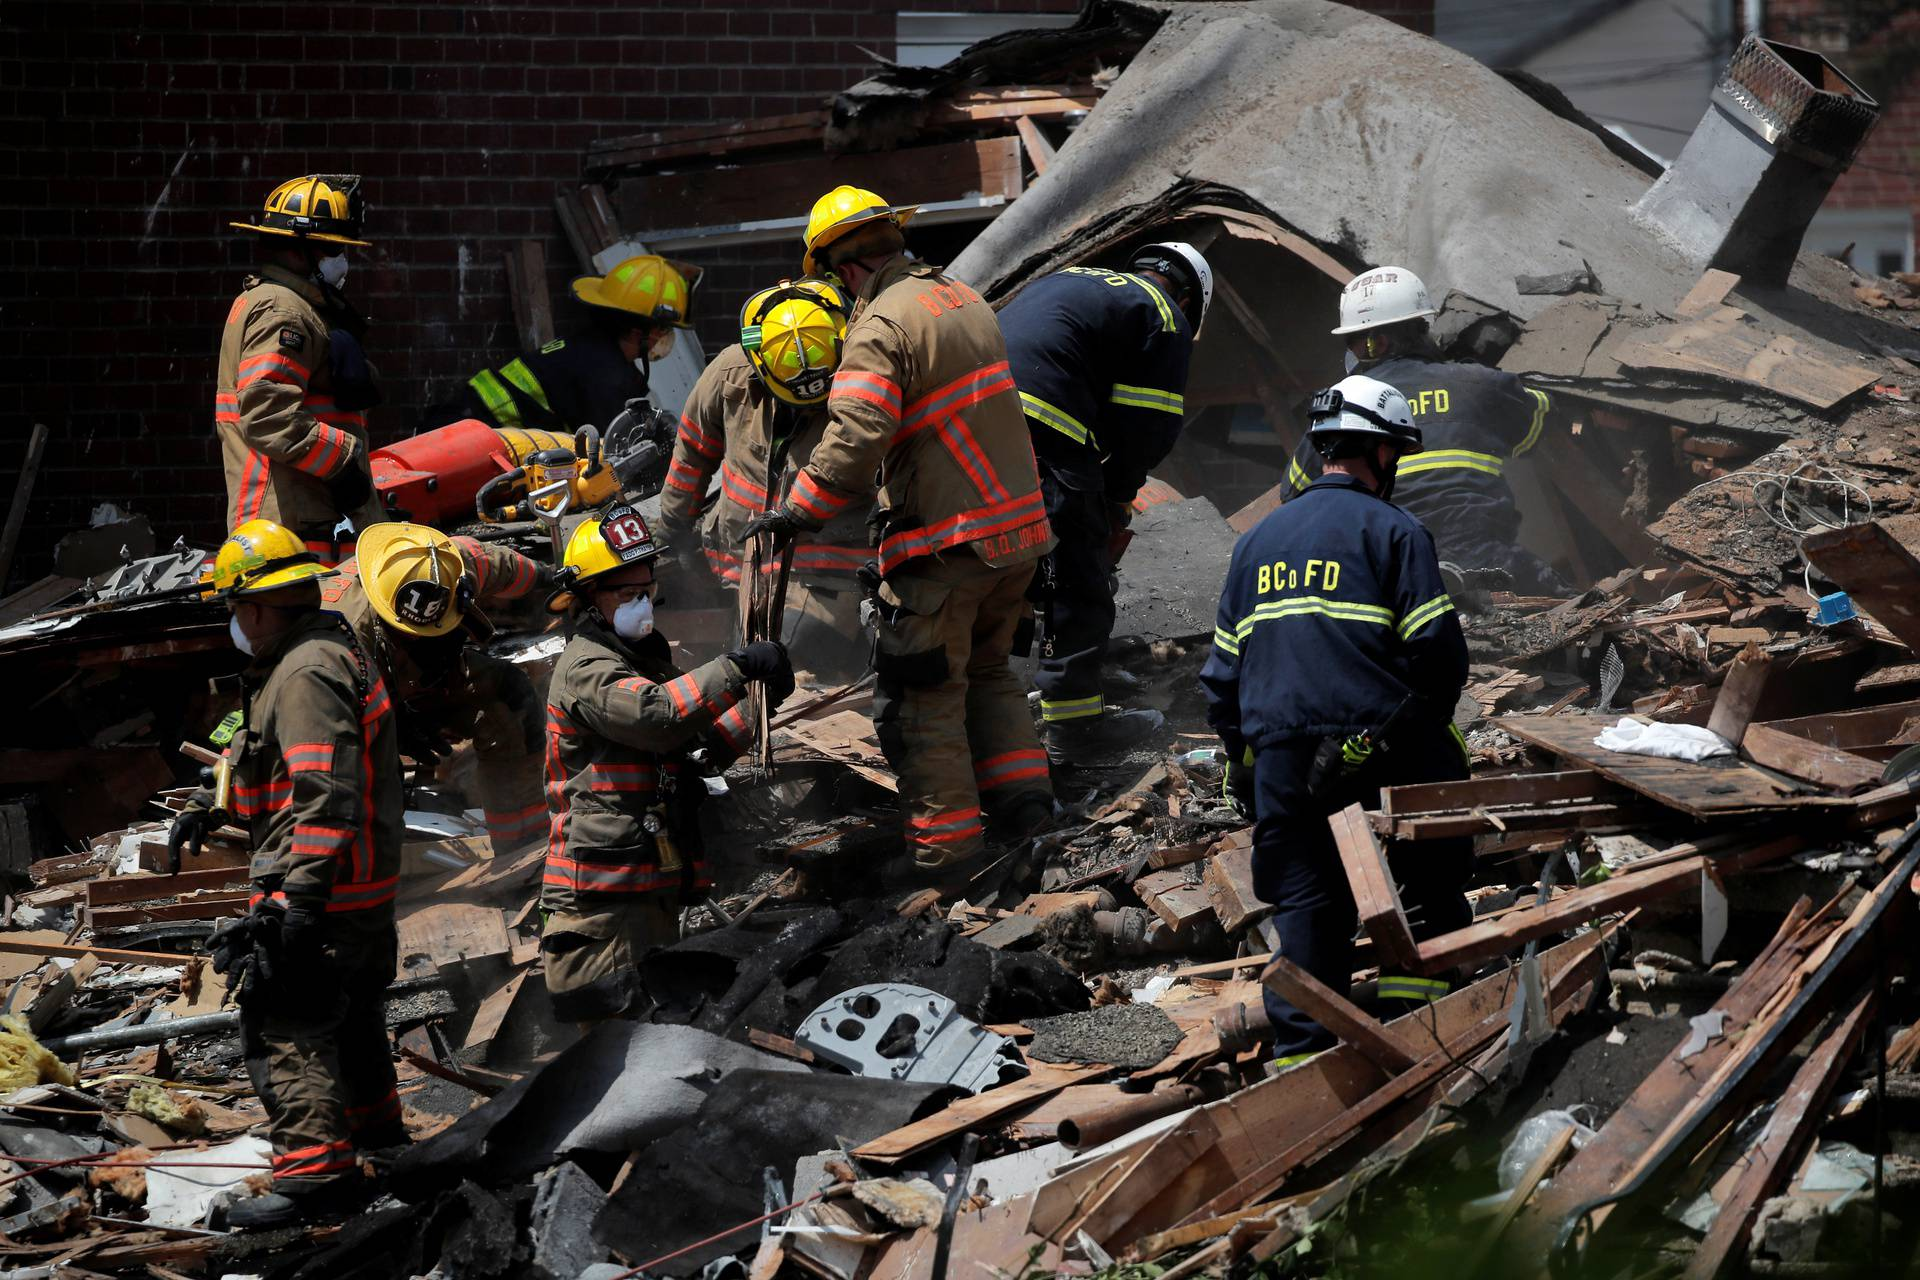 Jedan poginuli i troje kritično u eksploziji plina u Baltimoreu